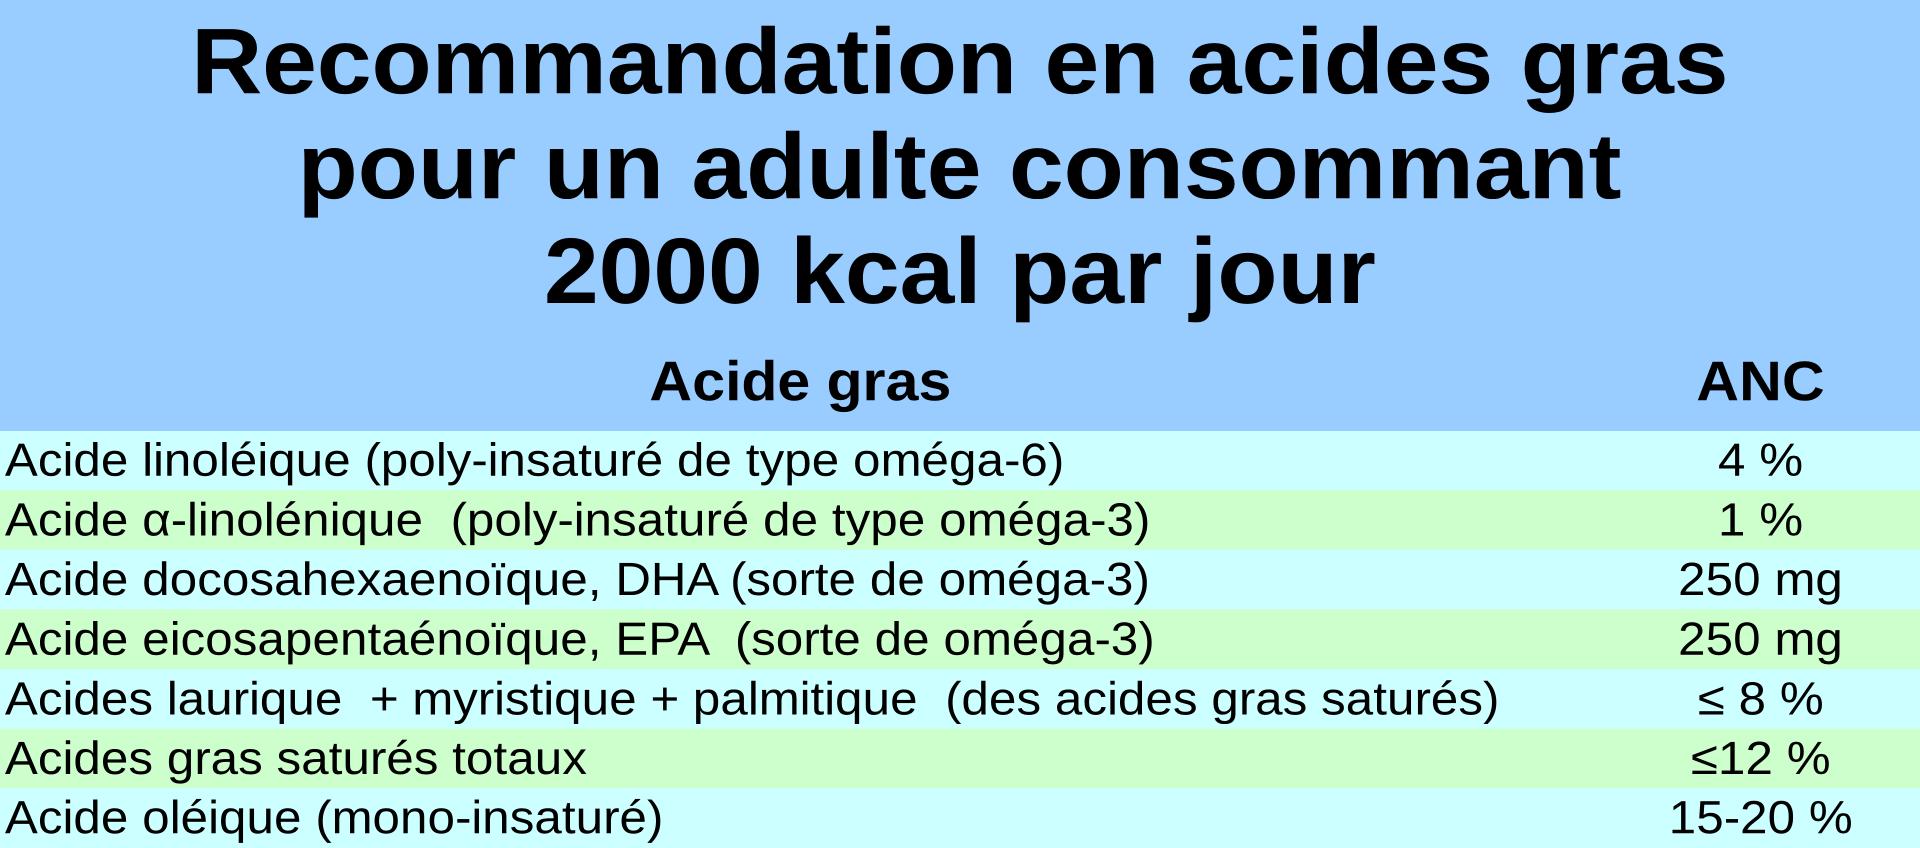 Apports nutritionnels conseillés en acides gras